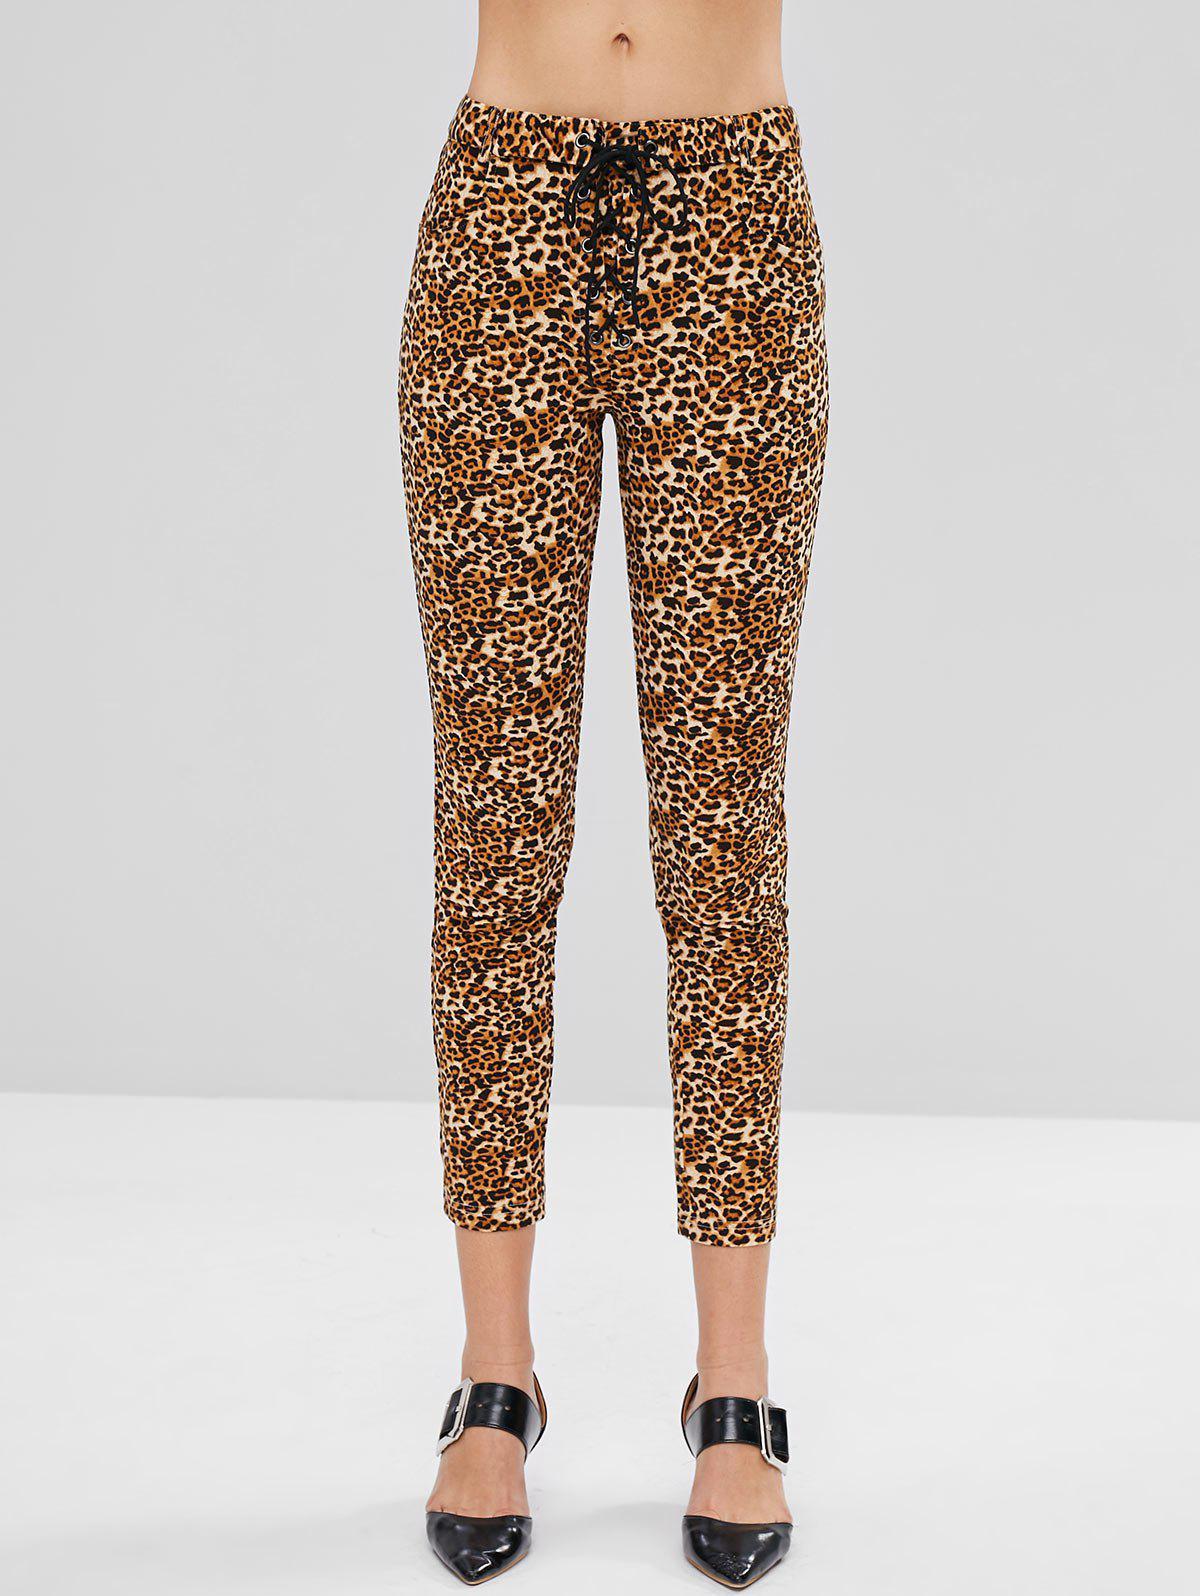 ZAFUL Pockets Lace Up Leopard Print Skinny Pants